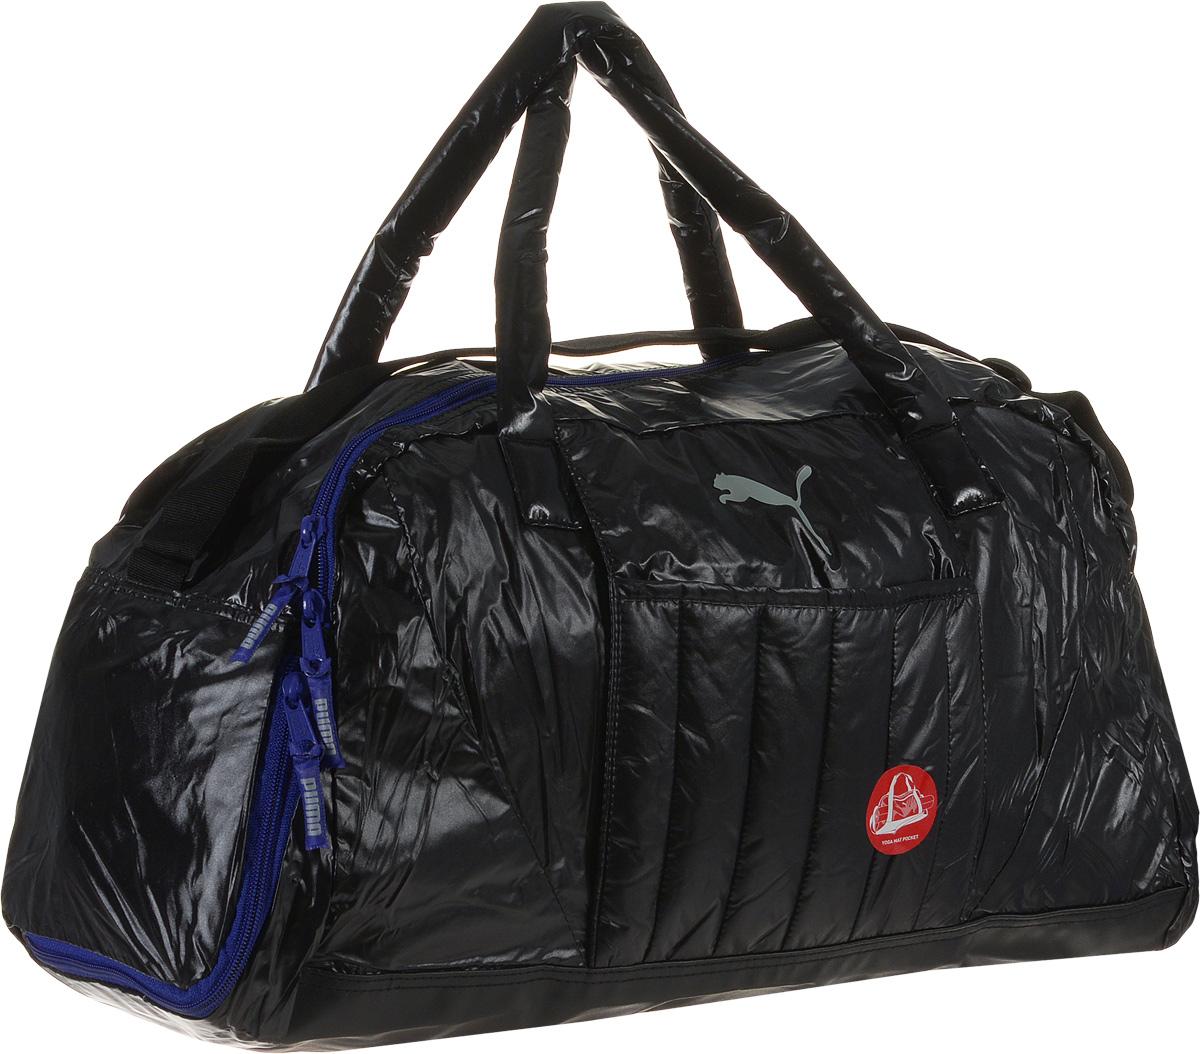 Сумка спортивная женская Puma Fit AT Sports Duffle, цвет: черный. 0741340107413401Универсальная сумка для походов в спортклуб имеет главное отделение на молнии, открывающейся с двух сторон, накладной карман спереди, еще один функциональный накладной карман спереди с горизонтальным входом, в который удобно помещается коврик для занятий йогой и фитнесом, боковое отделение на молнии для сменной обуви, карман на молнии внутри. Мягкие ручки для переноски из основного материала изделия, лямка через плечо регулируемой длины из лямочной ленты с цветной пластиковой фурнитурой, функциональная подкладка из полиэстера некоторых отделений и водоотталкивающее покрытие нижней части обеспечивают максимум удобства. Декоративные элементы представлены тесьмой с символикой Puma, продернутой в язычки застежек-молний, и крупным набивным логотипом Puma спереди.